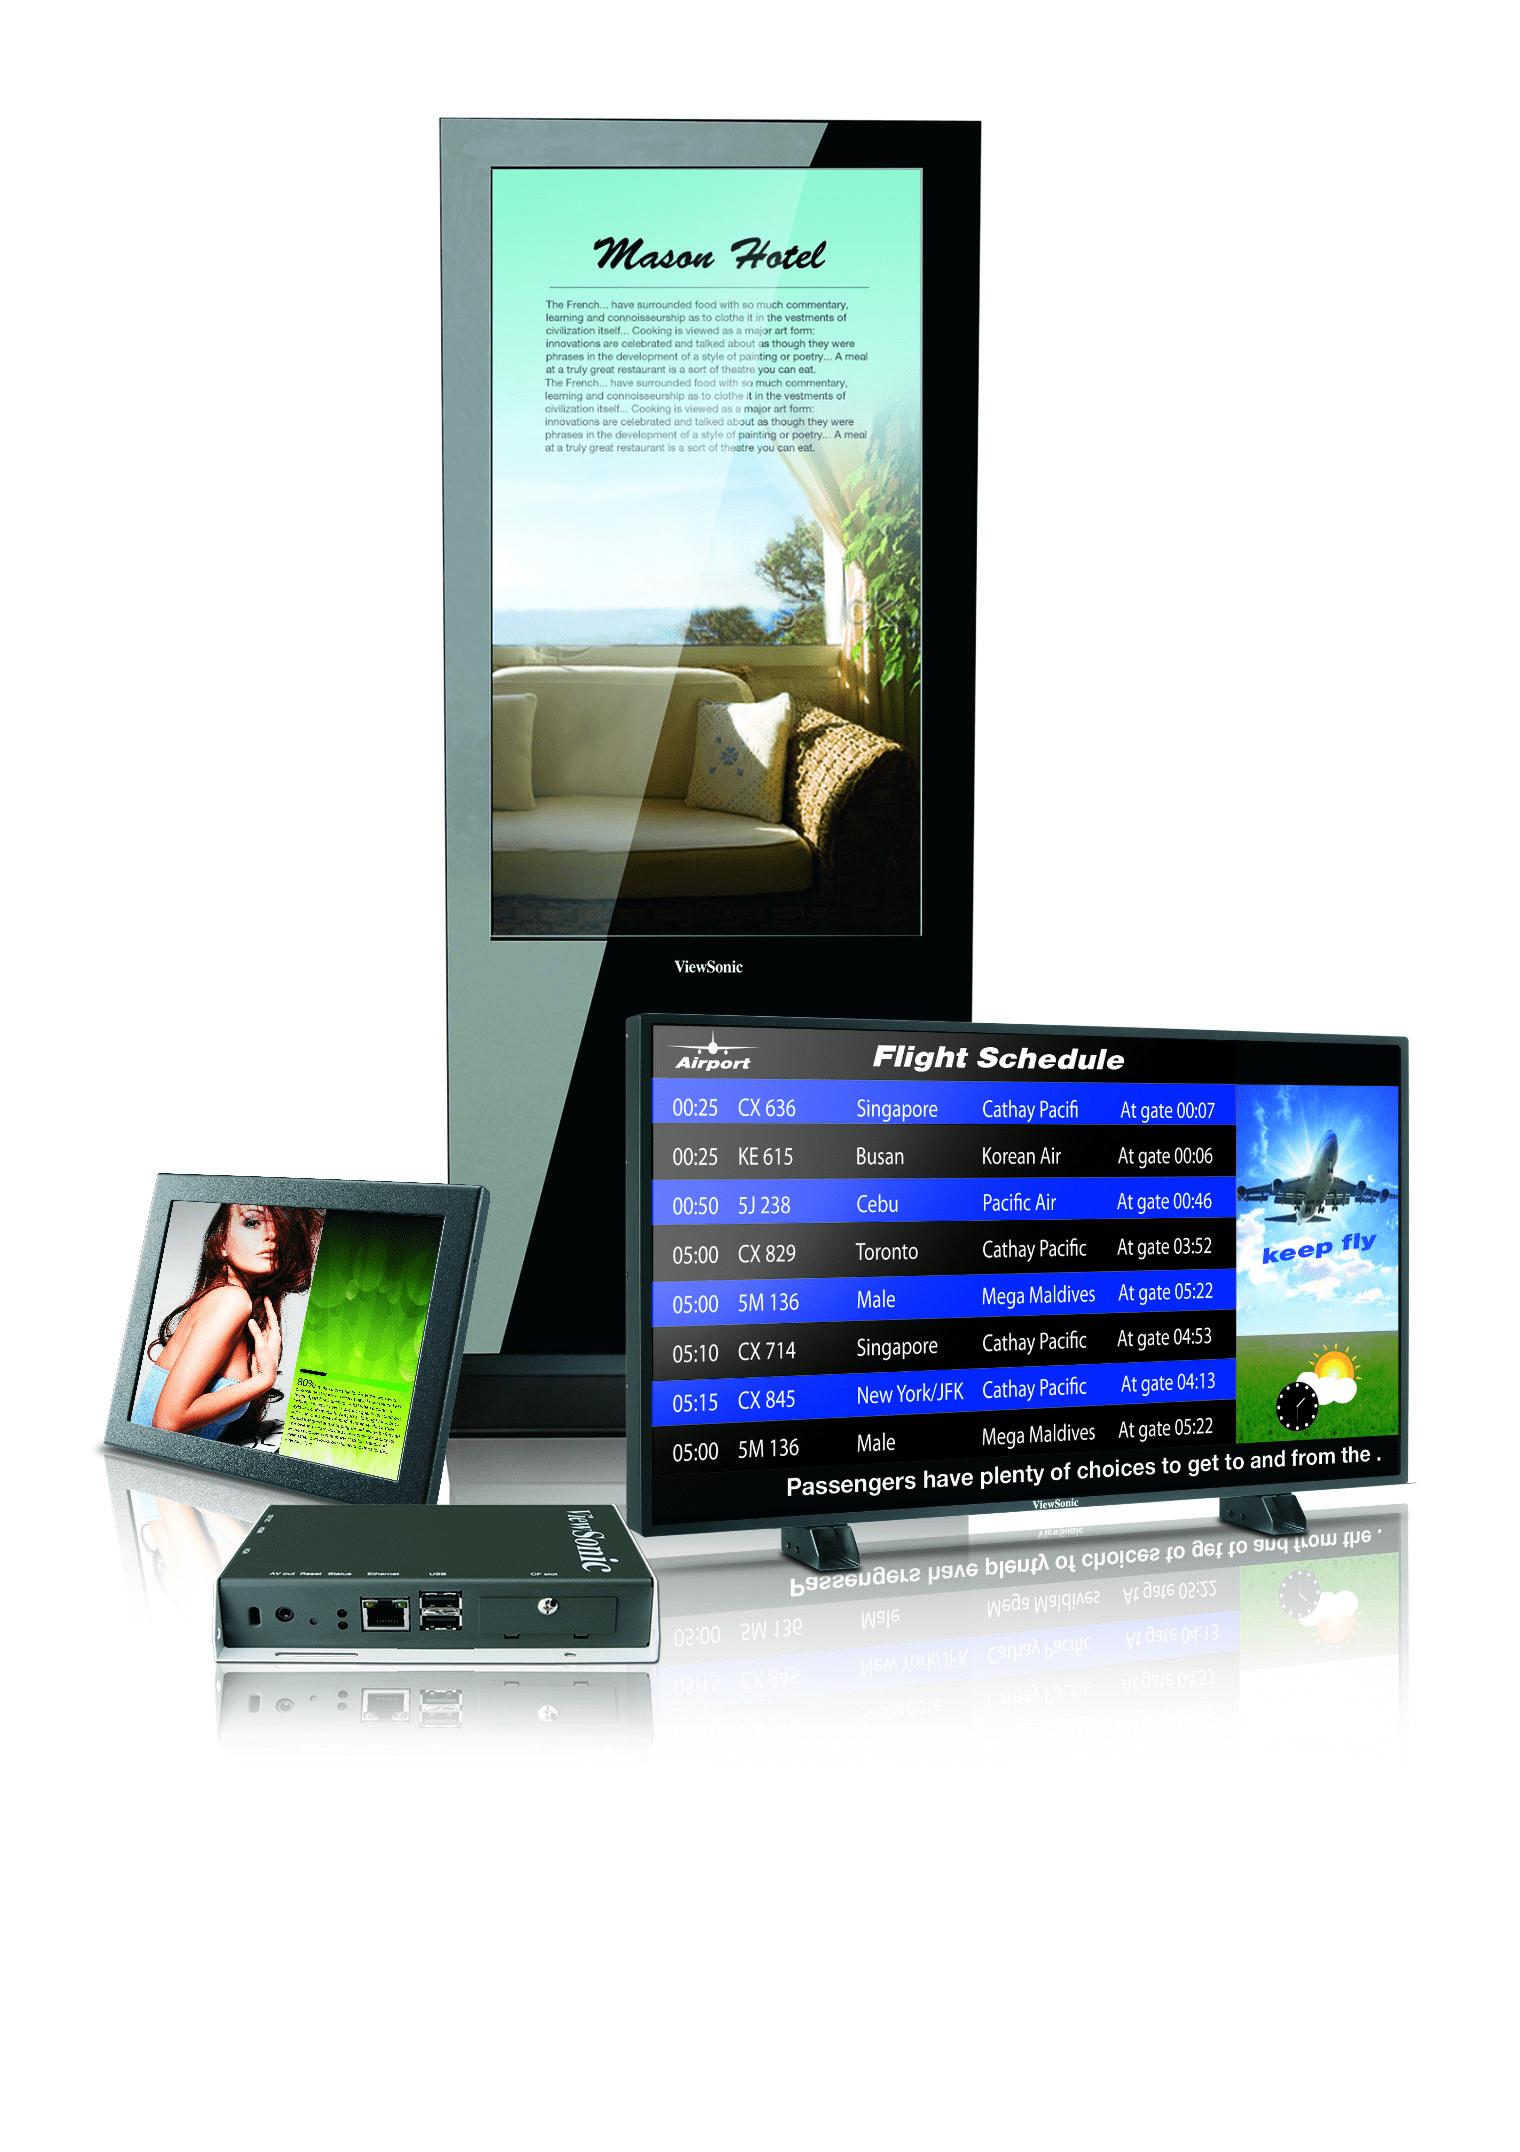 image - ViewSonic và digbil thông báo hợp tác